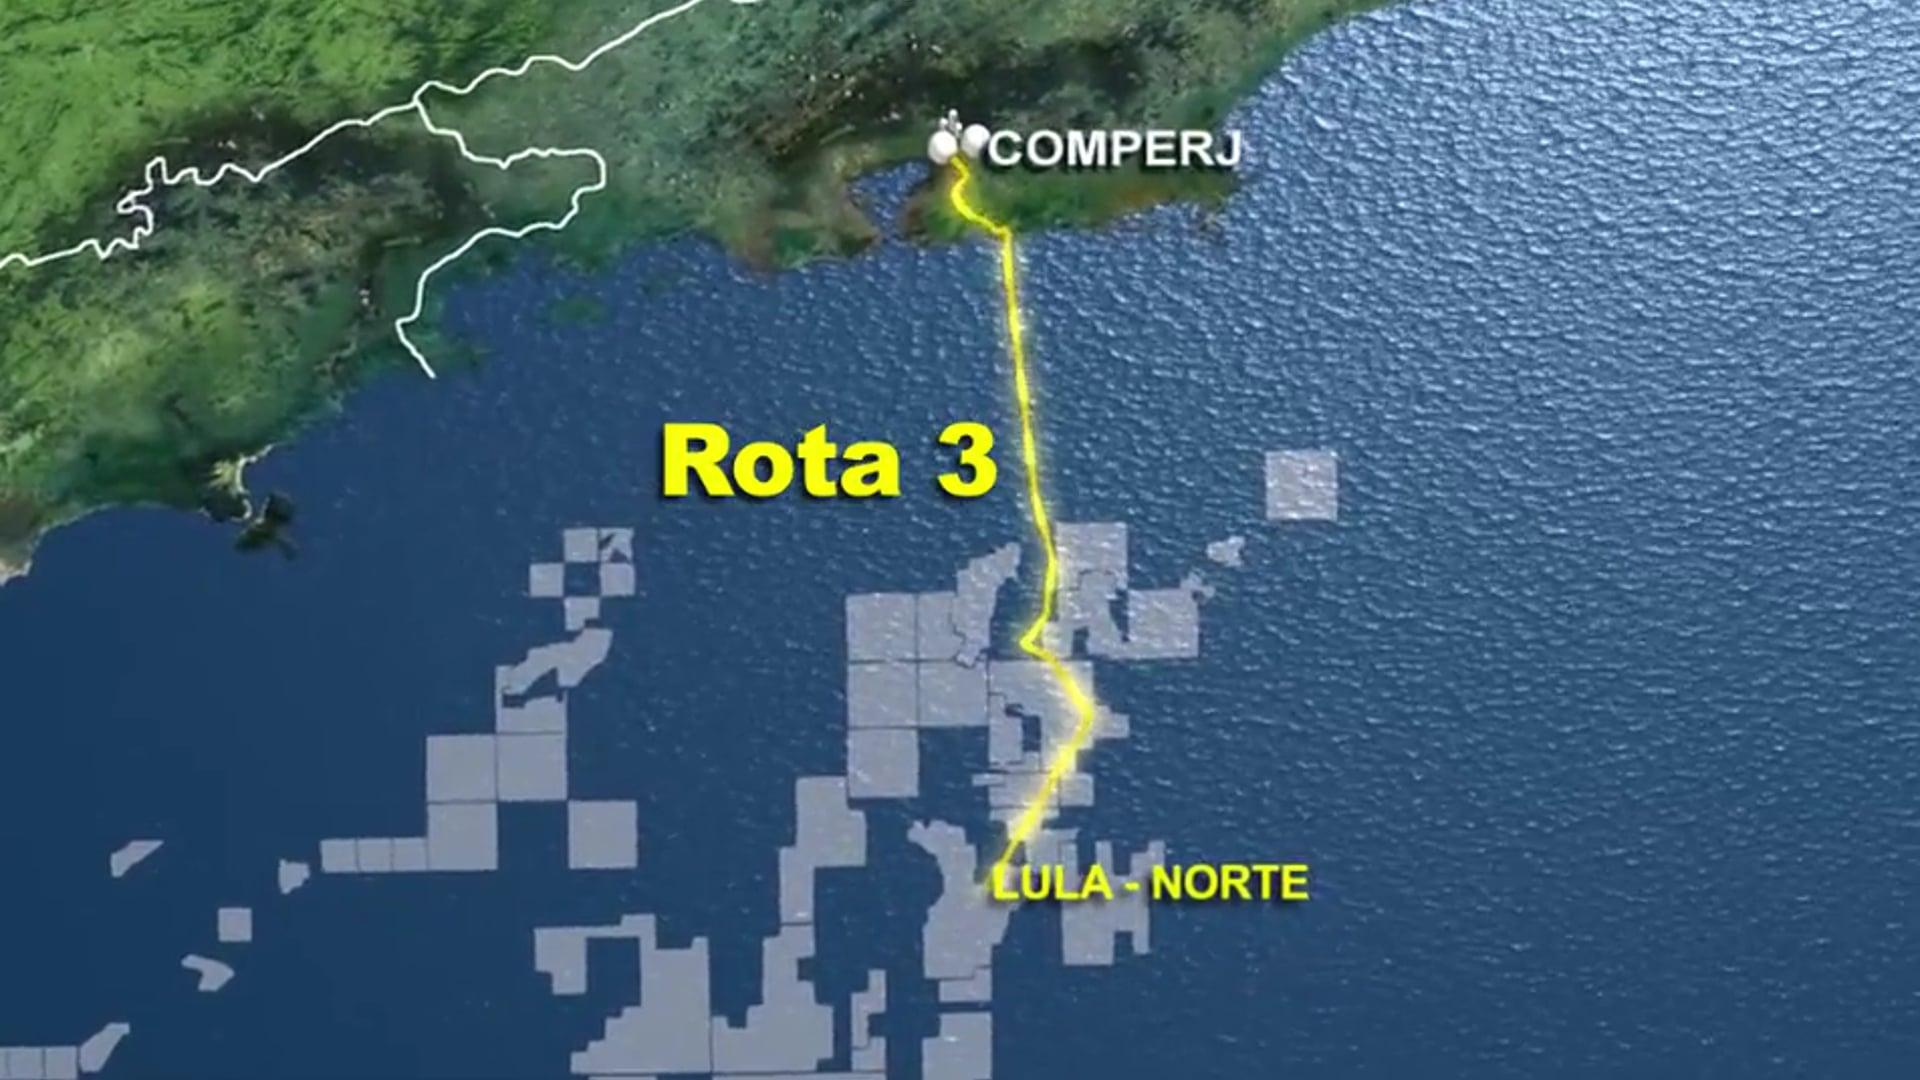 Rota 3 - Petrobras